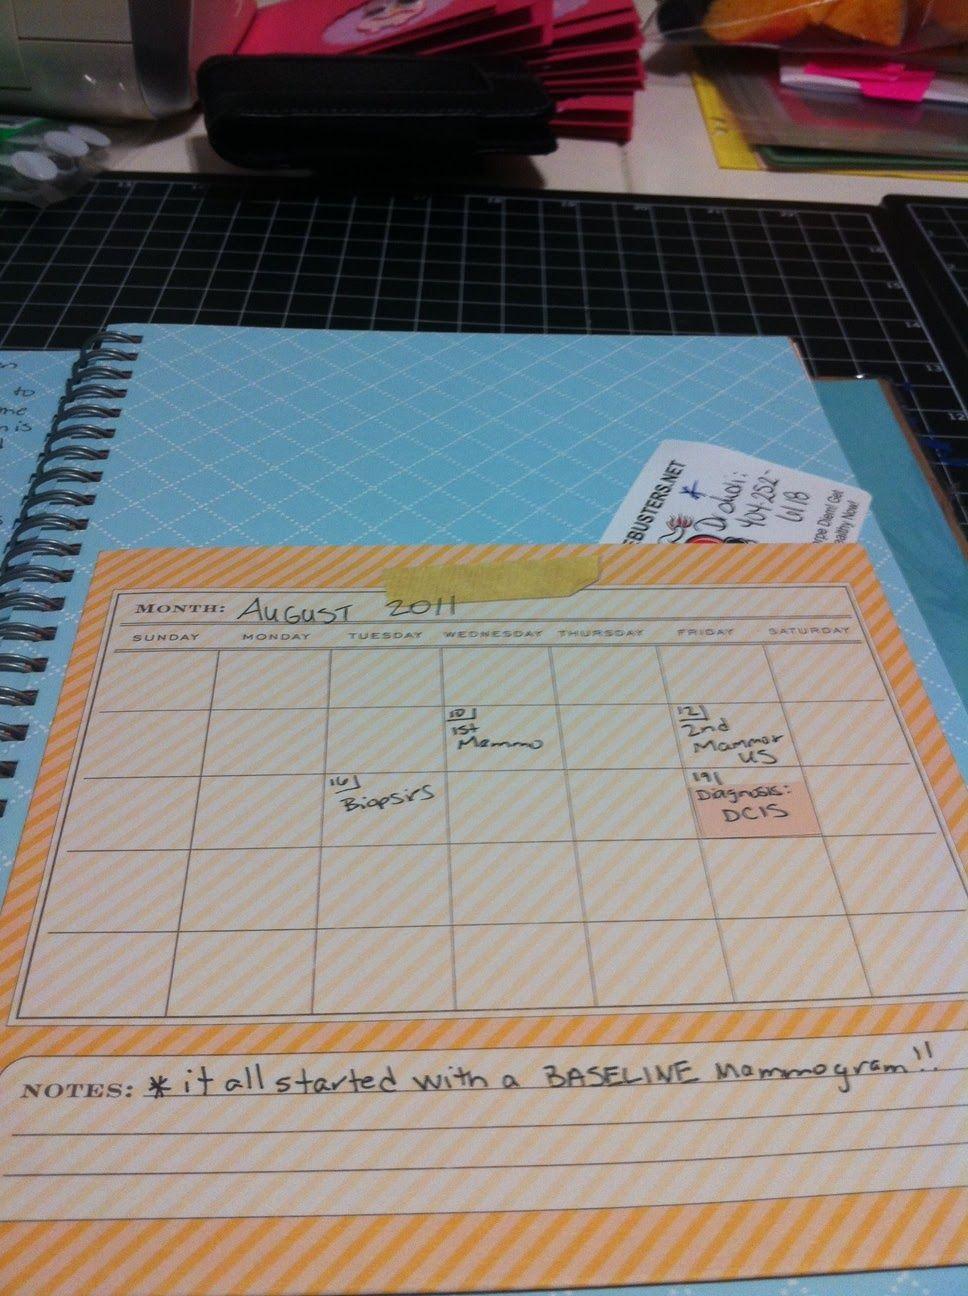 smash calendar - good for weight loss journal.....